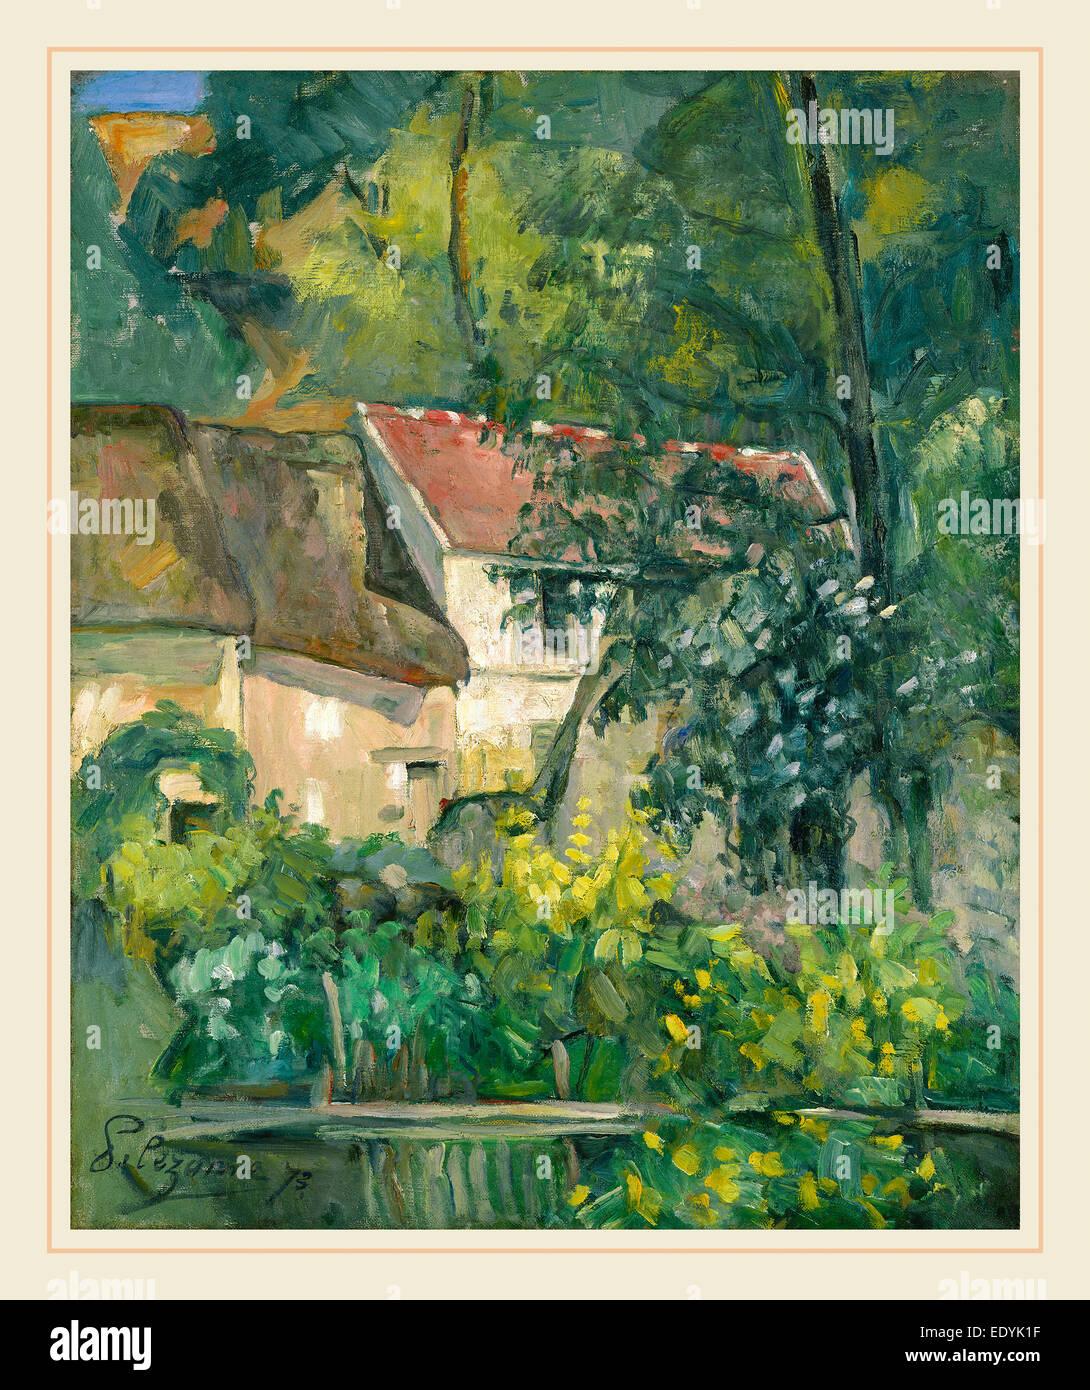 Paul Cézanne, French (1839-1906), House of Père Lacroix, 1873, oil on canvas - Stock Image